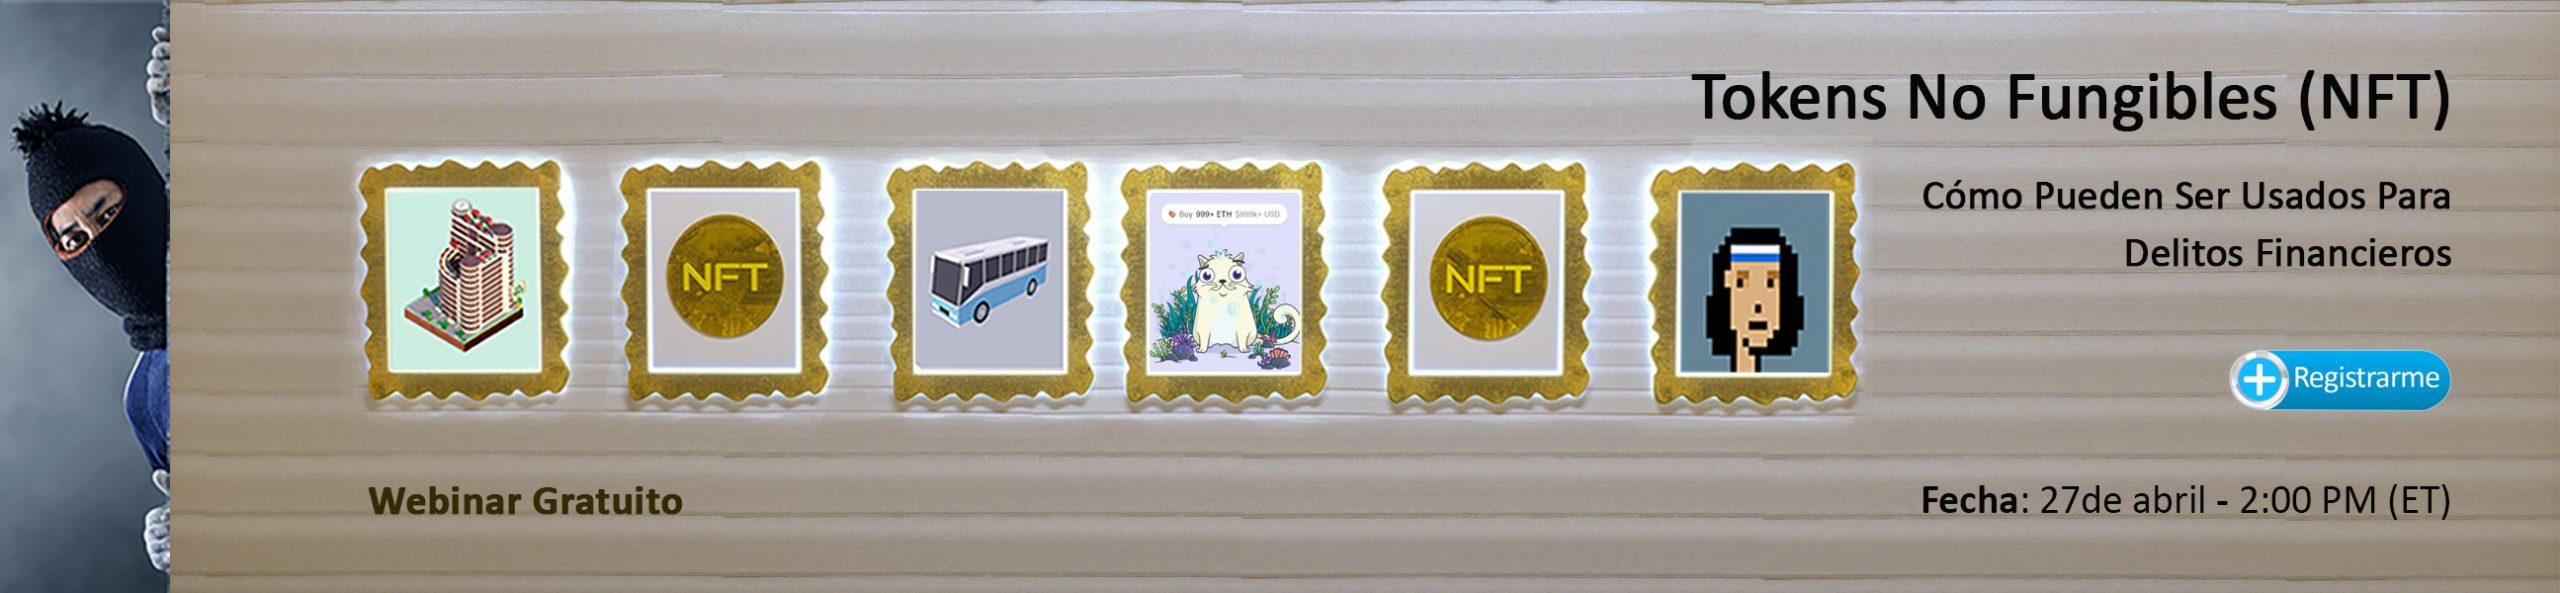 Banner promocional de los cursos virtuales de Plus Comply.